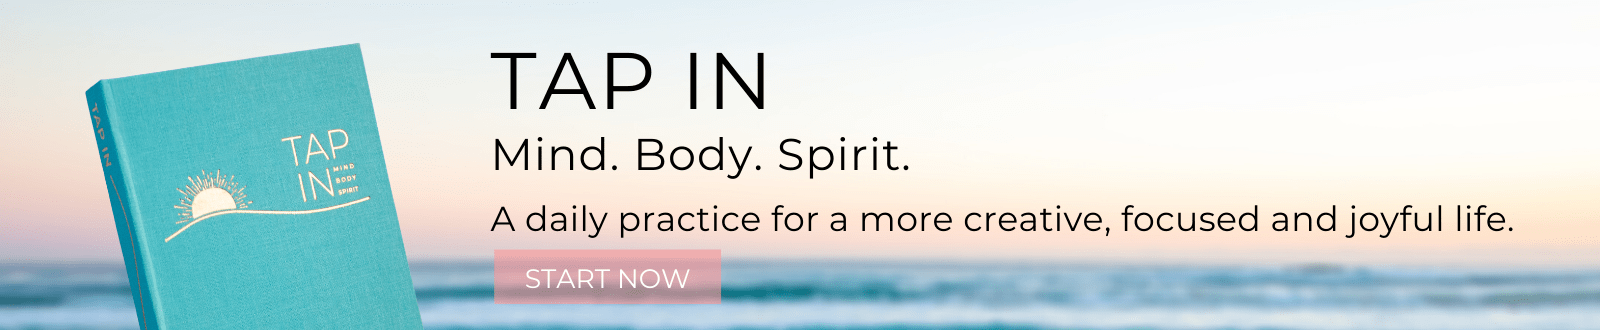 TAP IN wellness journal mind body spirit